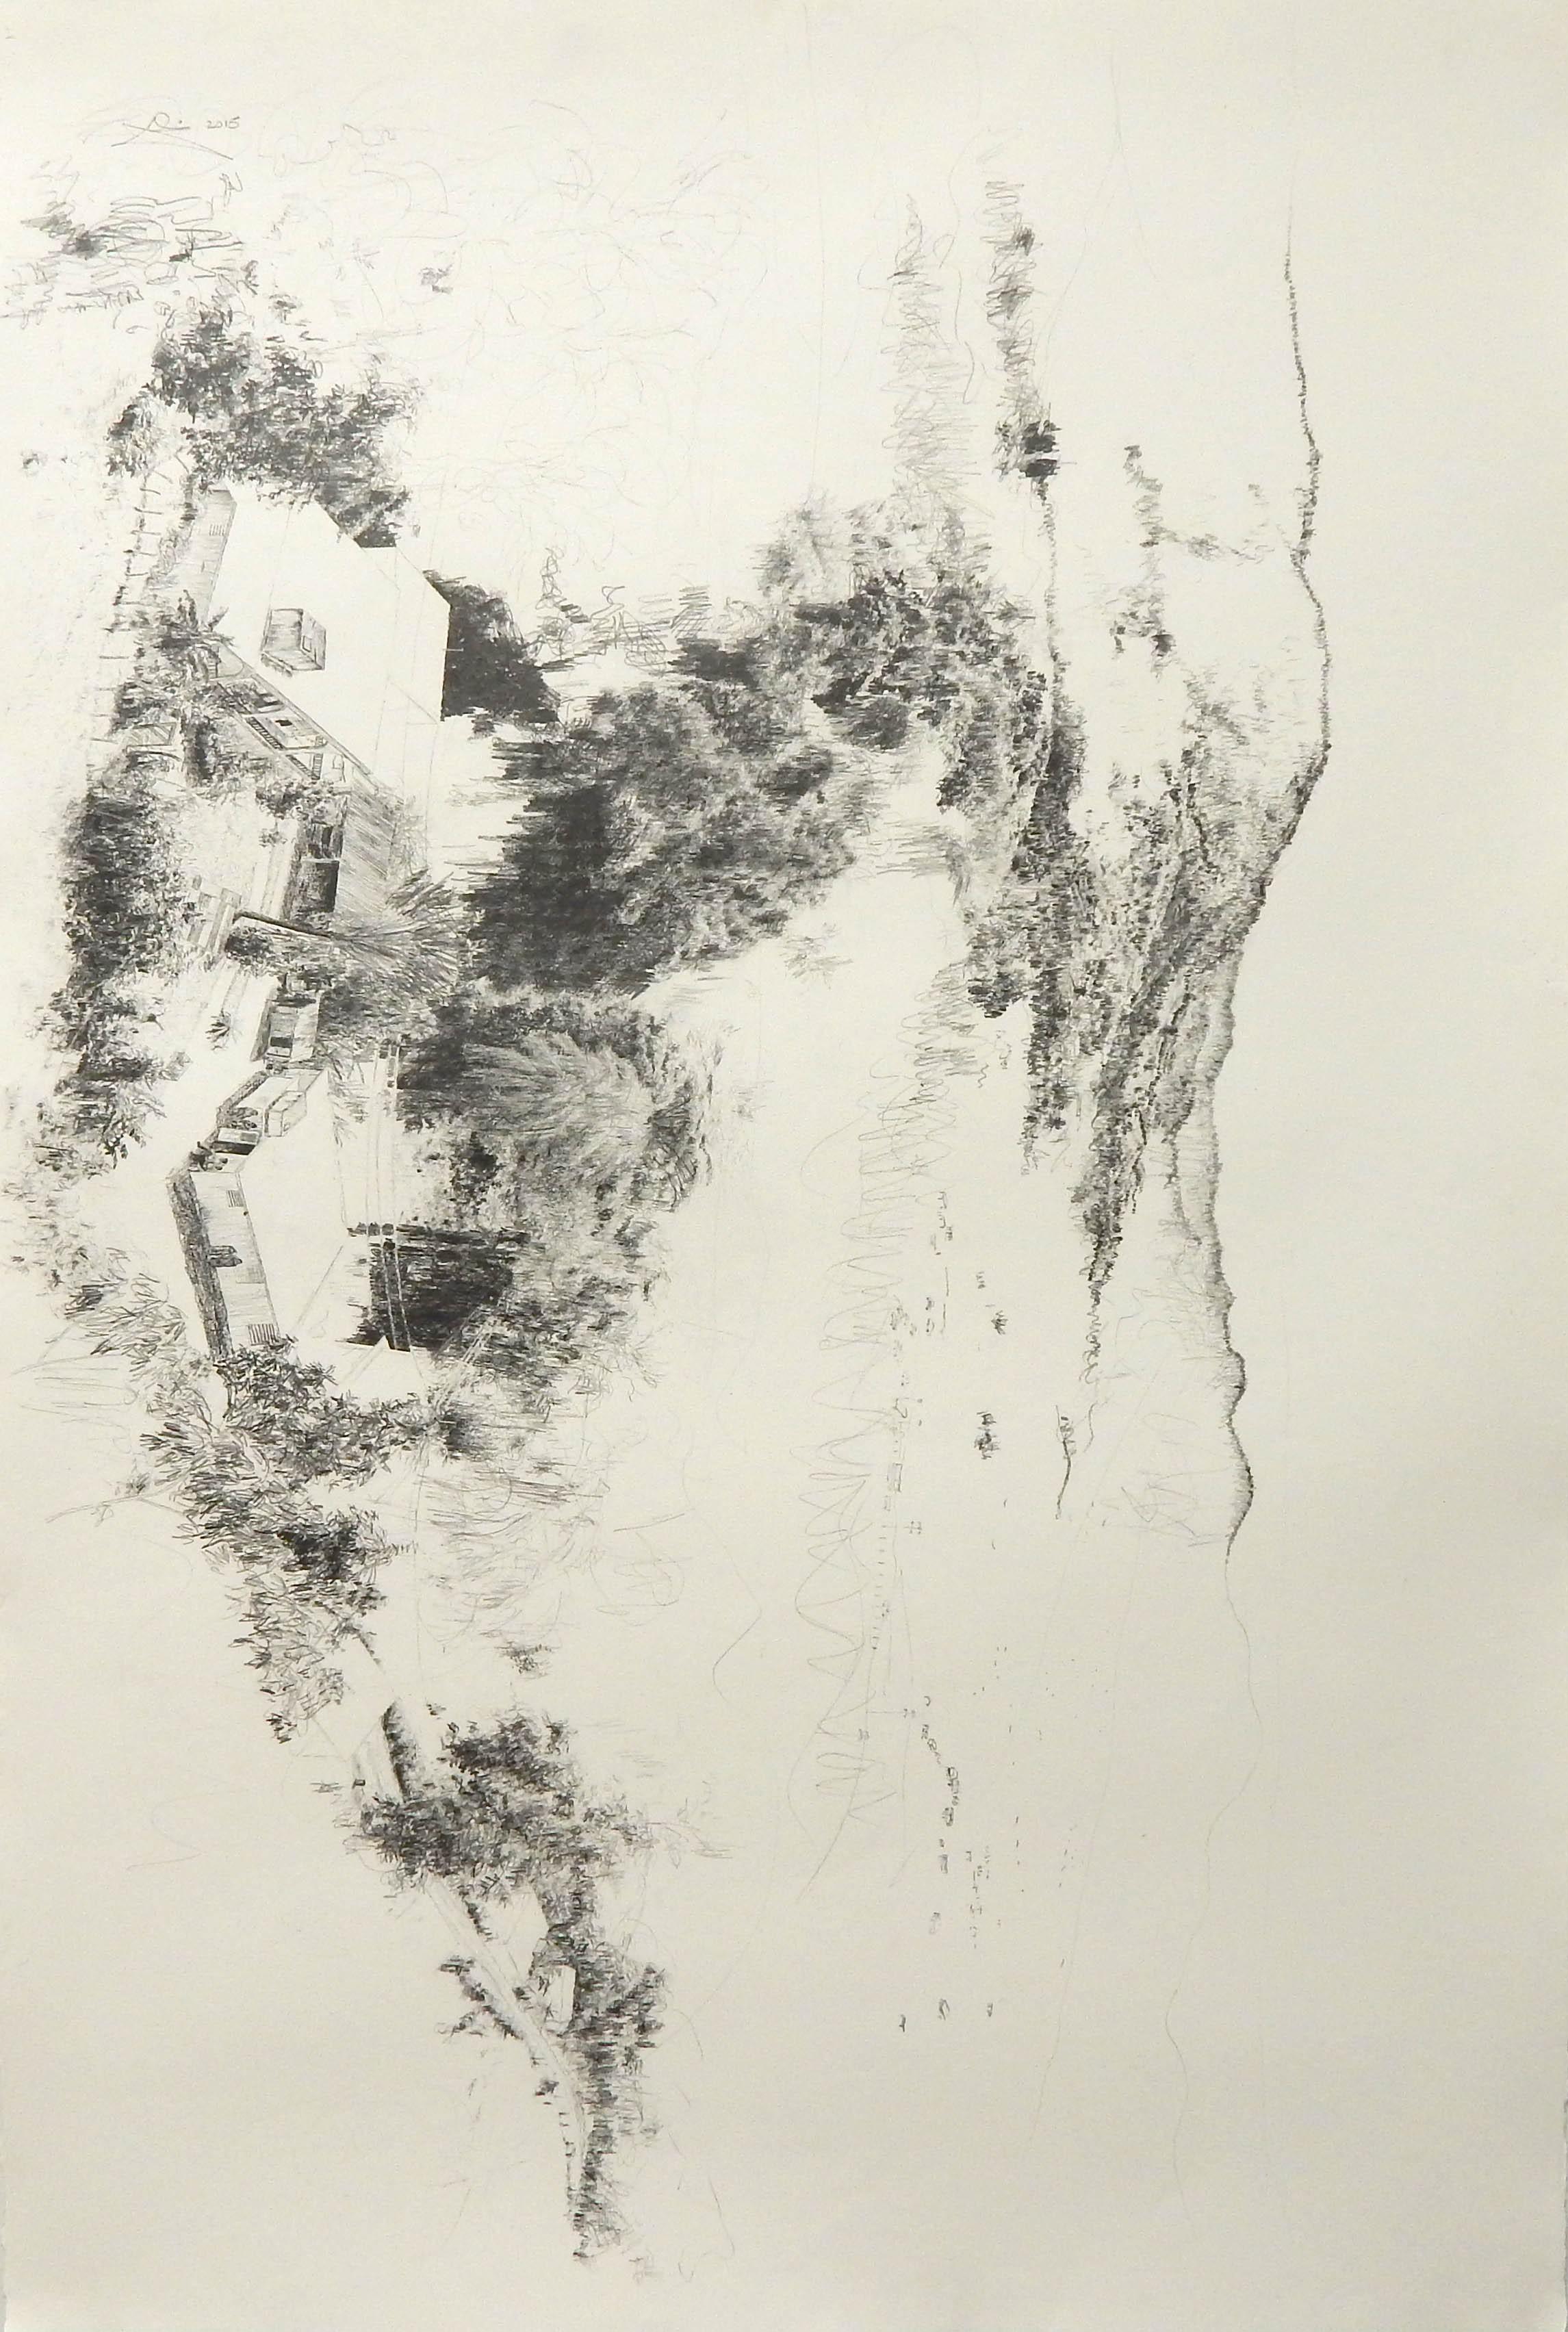 """Tratado de la memoria, 2015 Lápiz de grafito sobre papel, 44"""" x 30"""" Colección Dennis Simonpietri"""